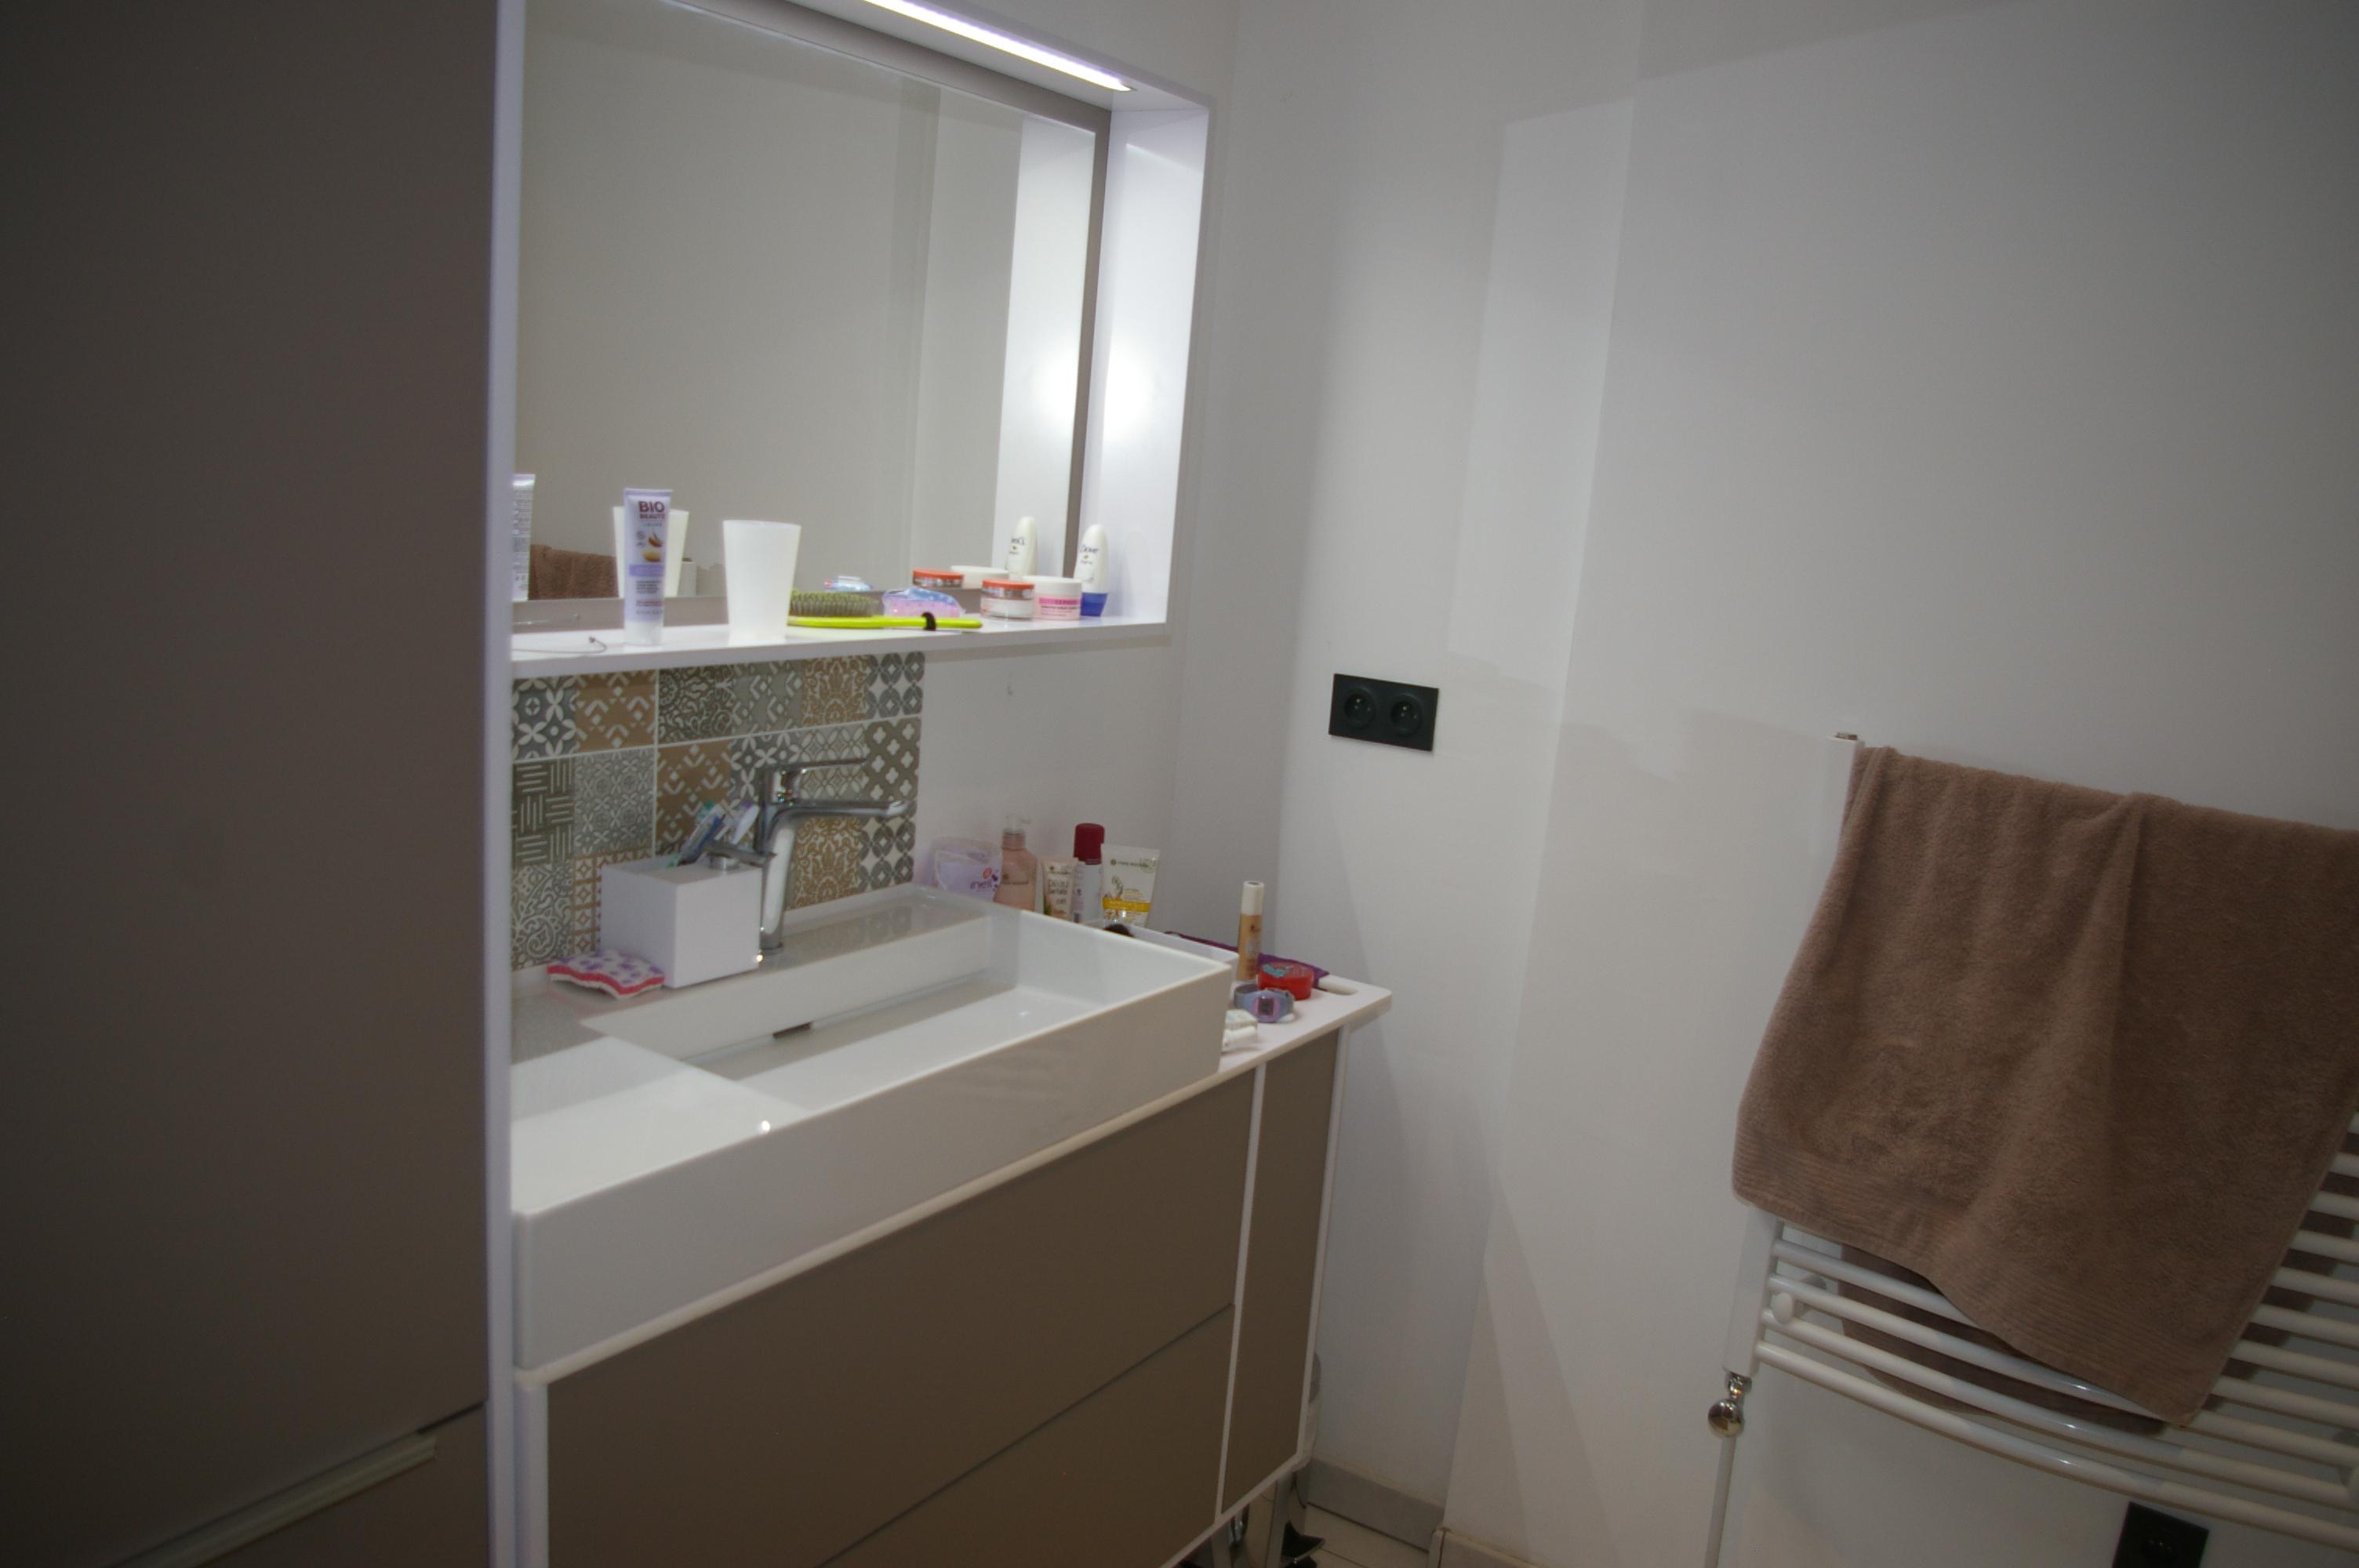 Faience wc suspendu faons duarranger la dco de ses wc for Faience wc